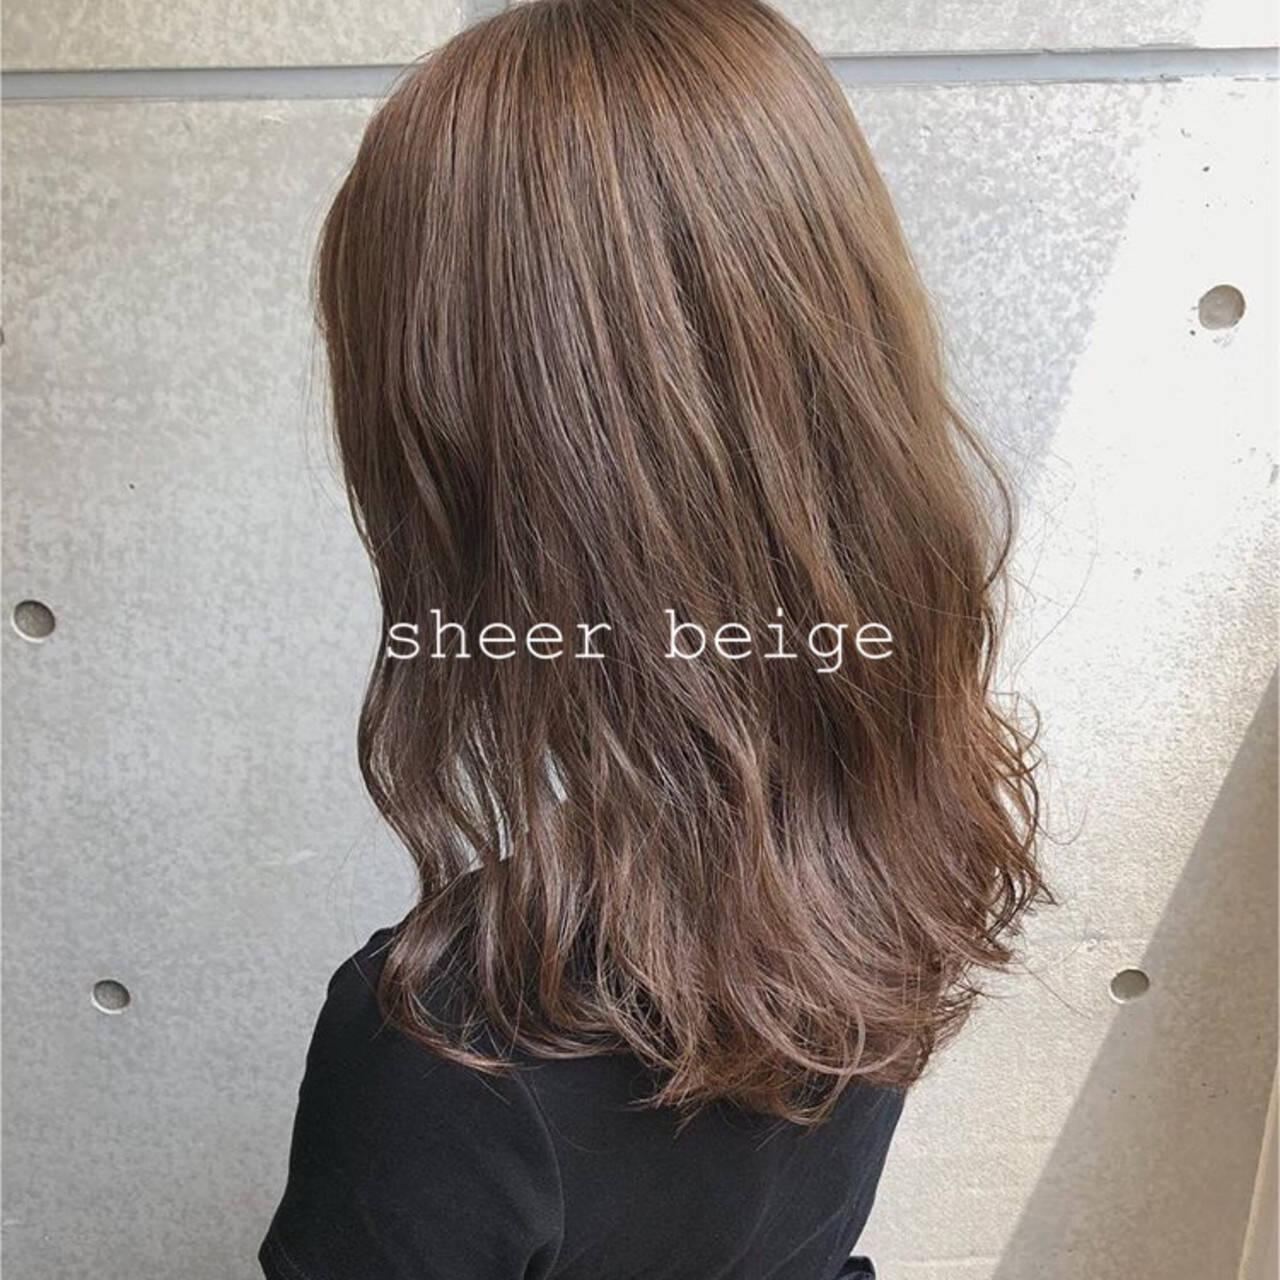 アッシュベージュ アッシュブラウン ナチュラルベージュ コテ巻きヘアスタイルや髪型の写真・画像